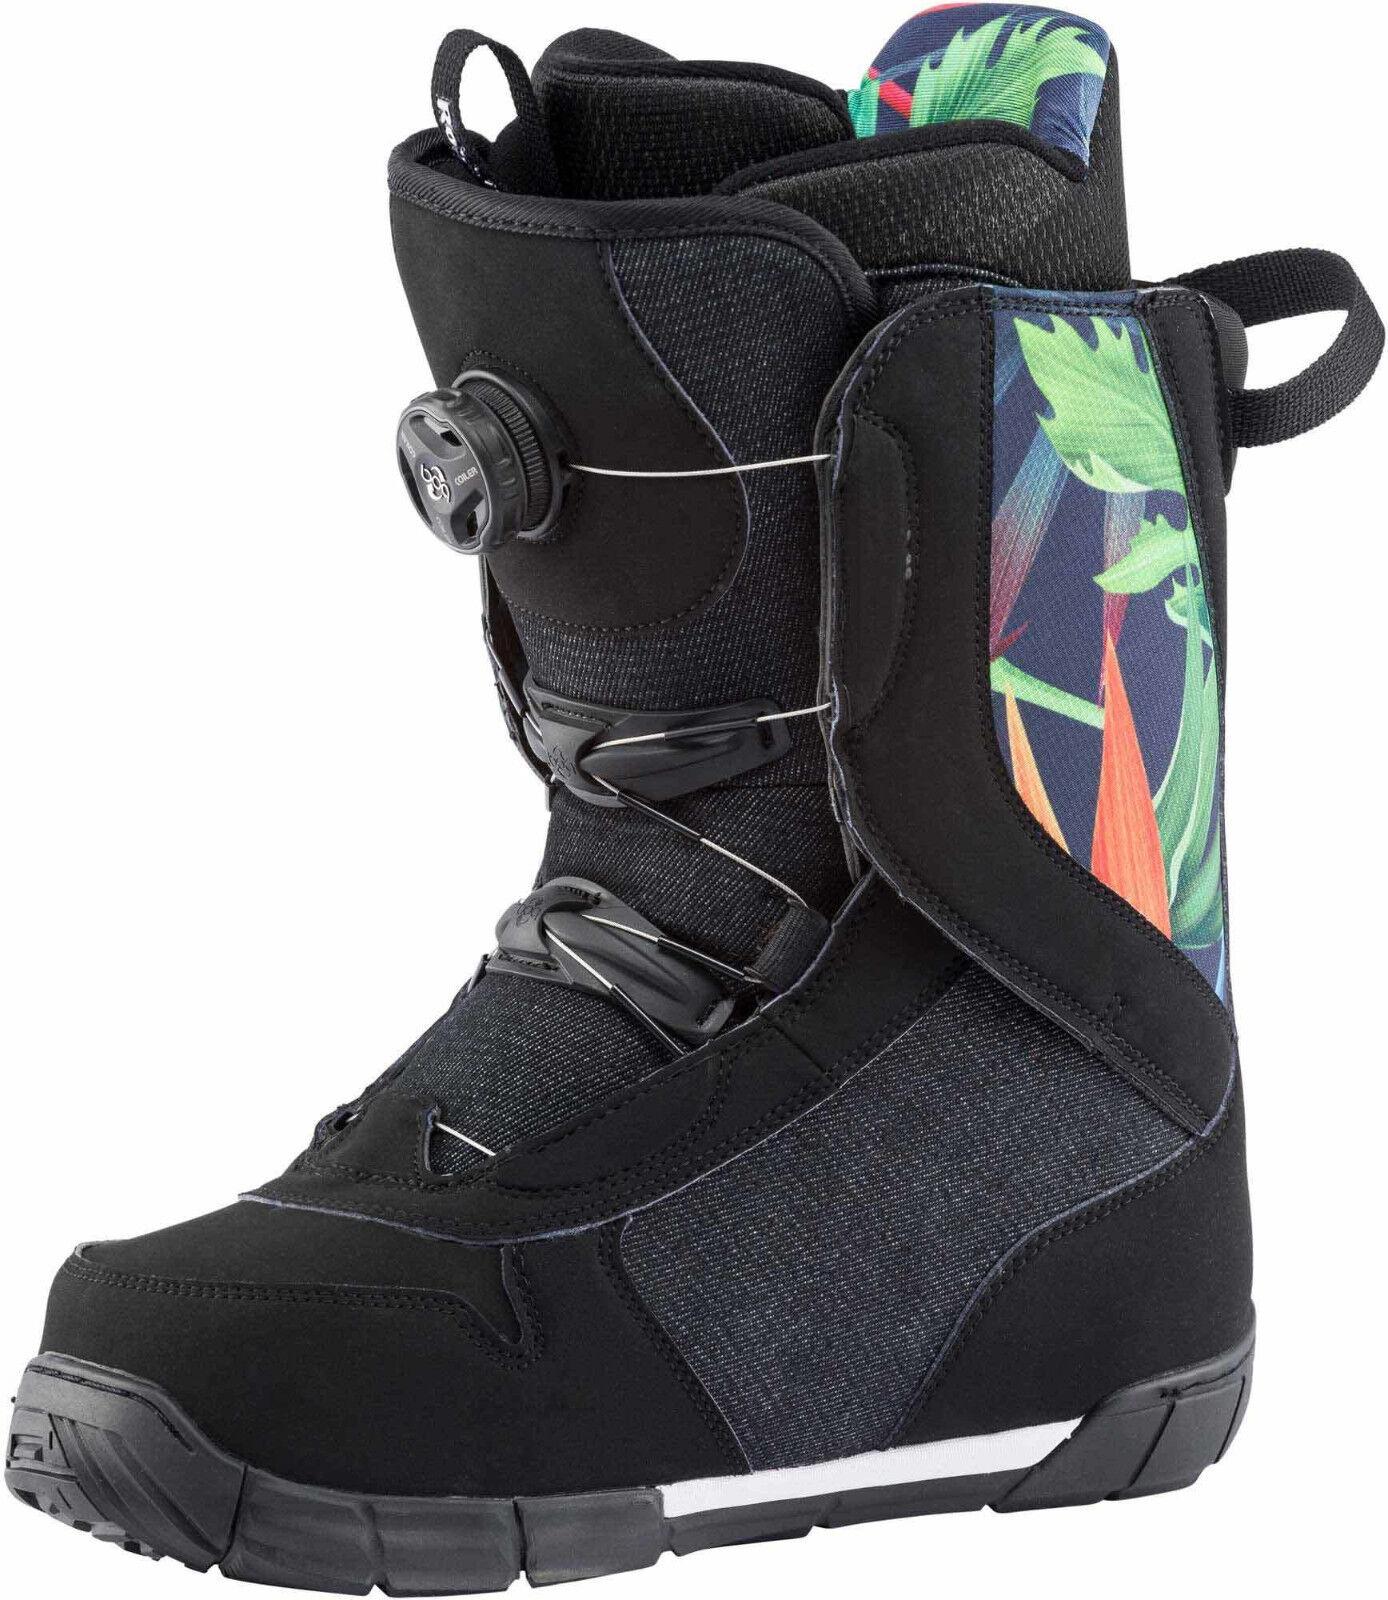 Stiefel Snowboard Stiefel Damen ROSSIGNOL ROSSIGNOL ROSSIGNOL Gasse boa H3 schwarz 2019 1bbfec